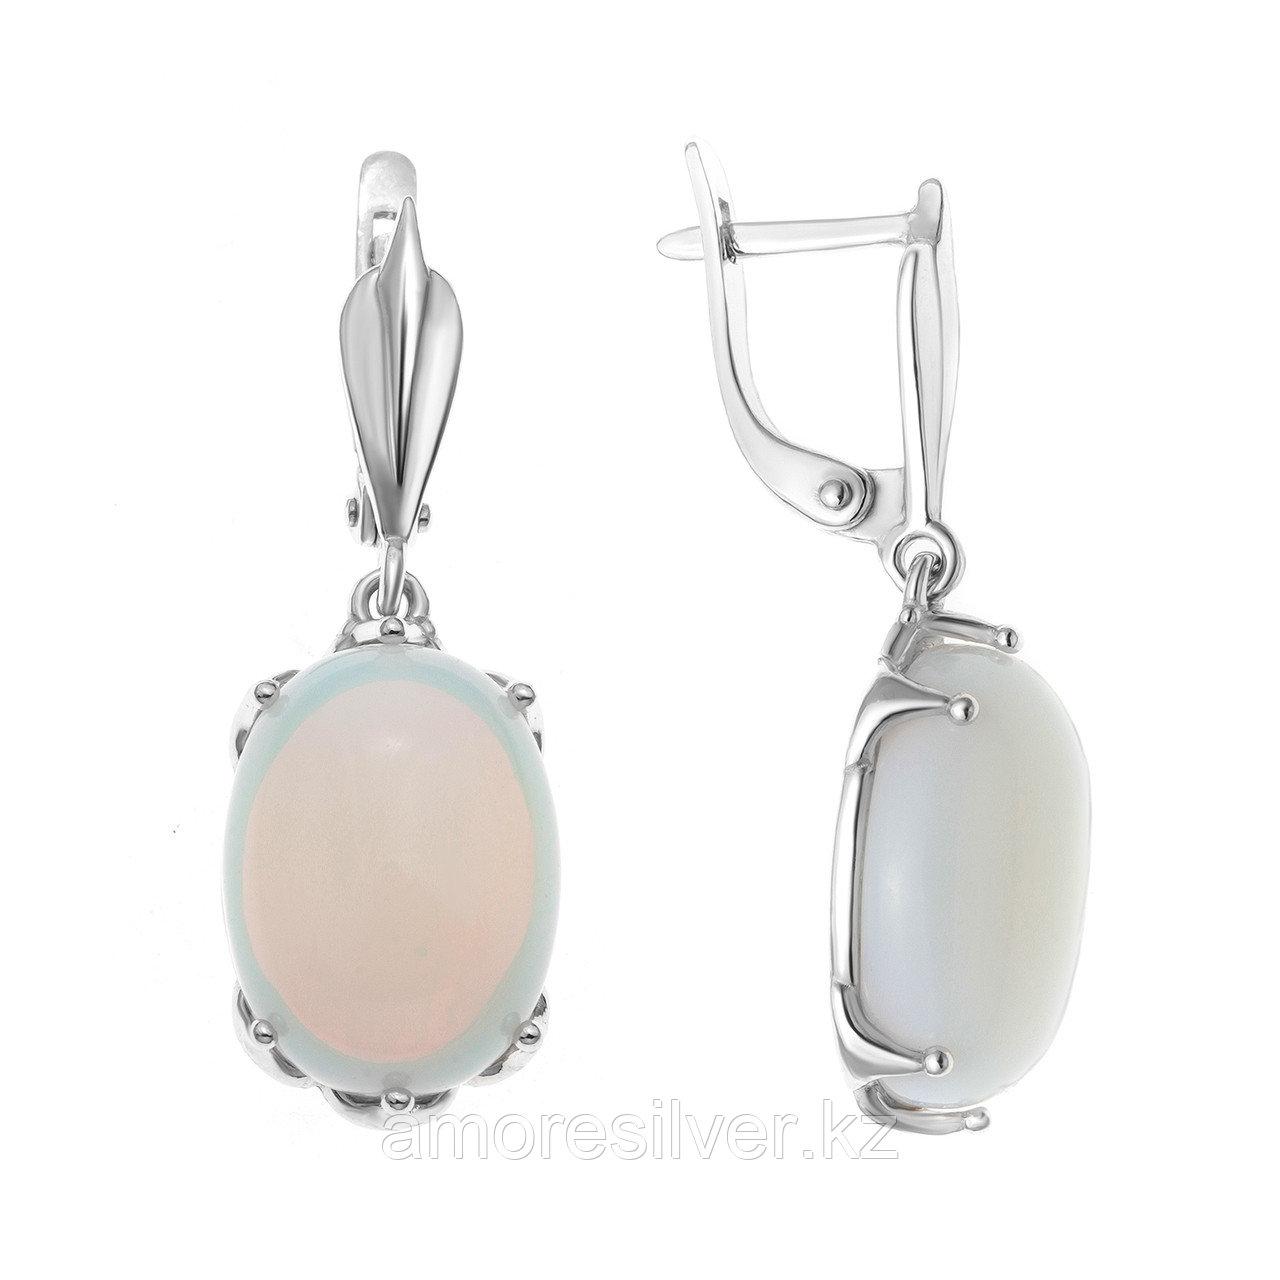 Серебряные серьги с лунным камнем  Приволжский Ювелир 351293-MNS